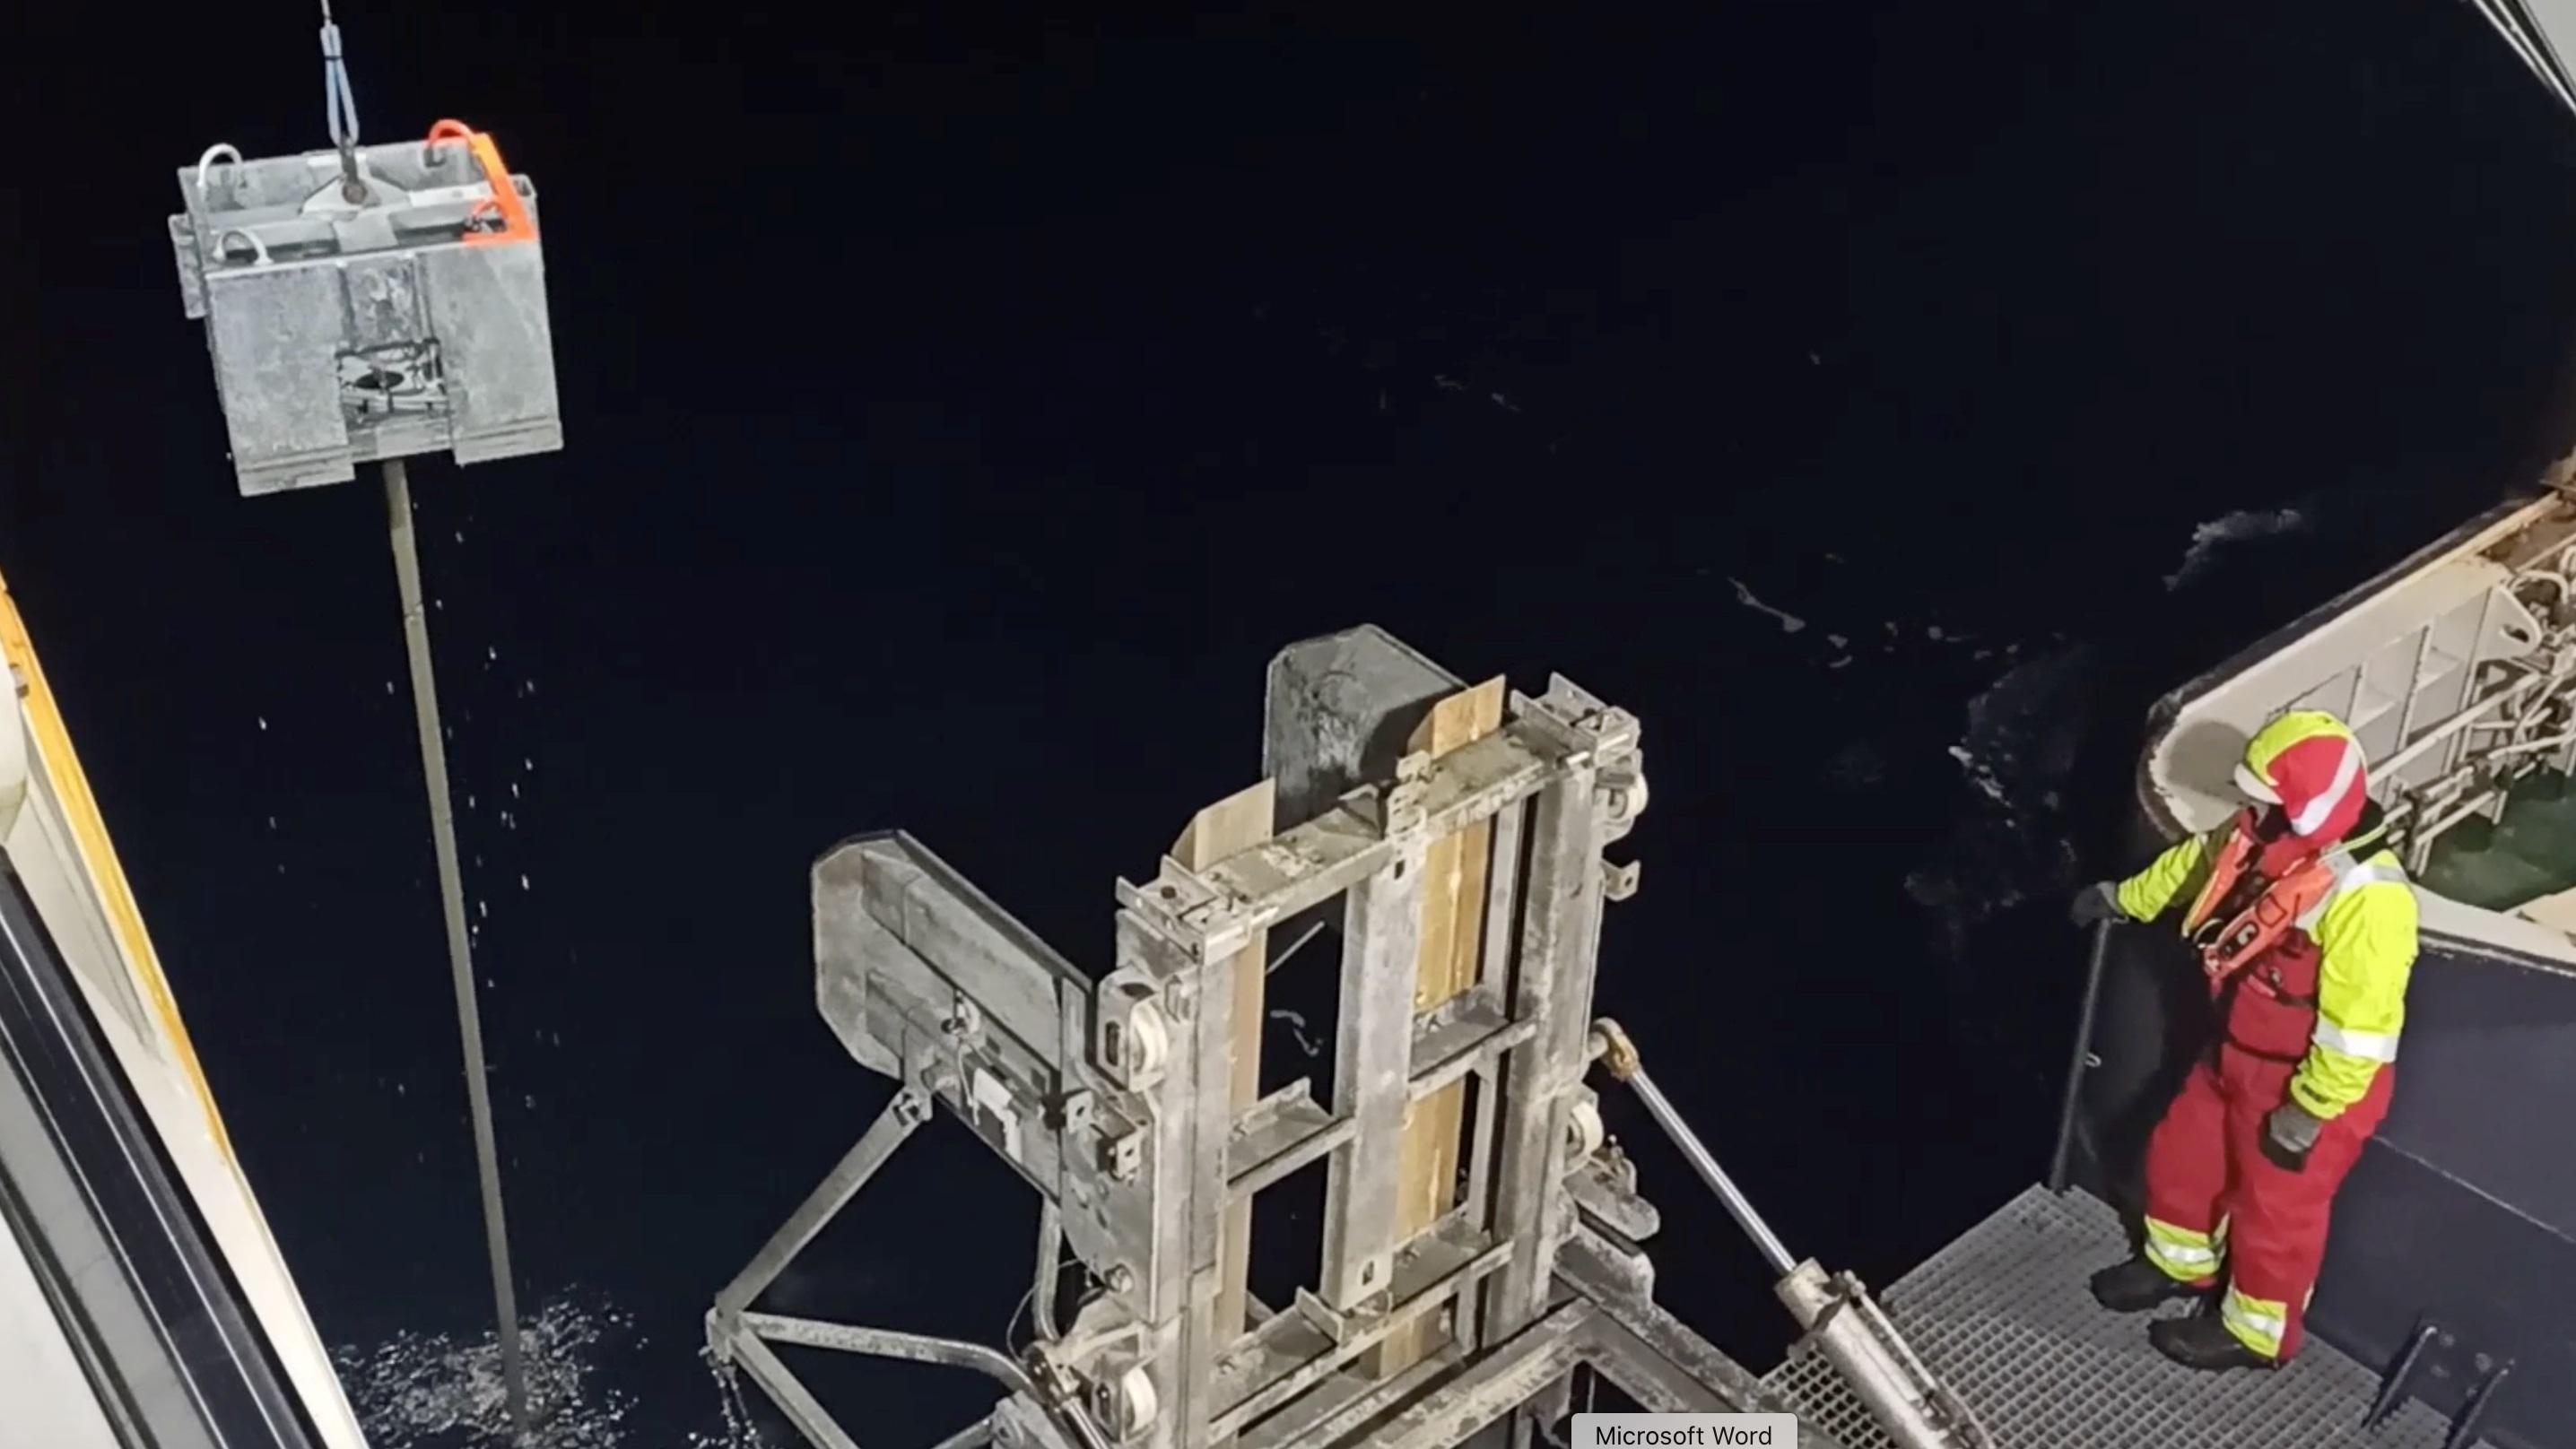 L'outil, connu sous le nom de piézomètre, a été utilisé pour surveiller le rejet de méthane des sédiments du fond océanique.